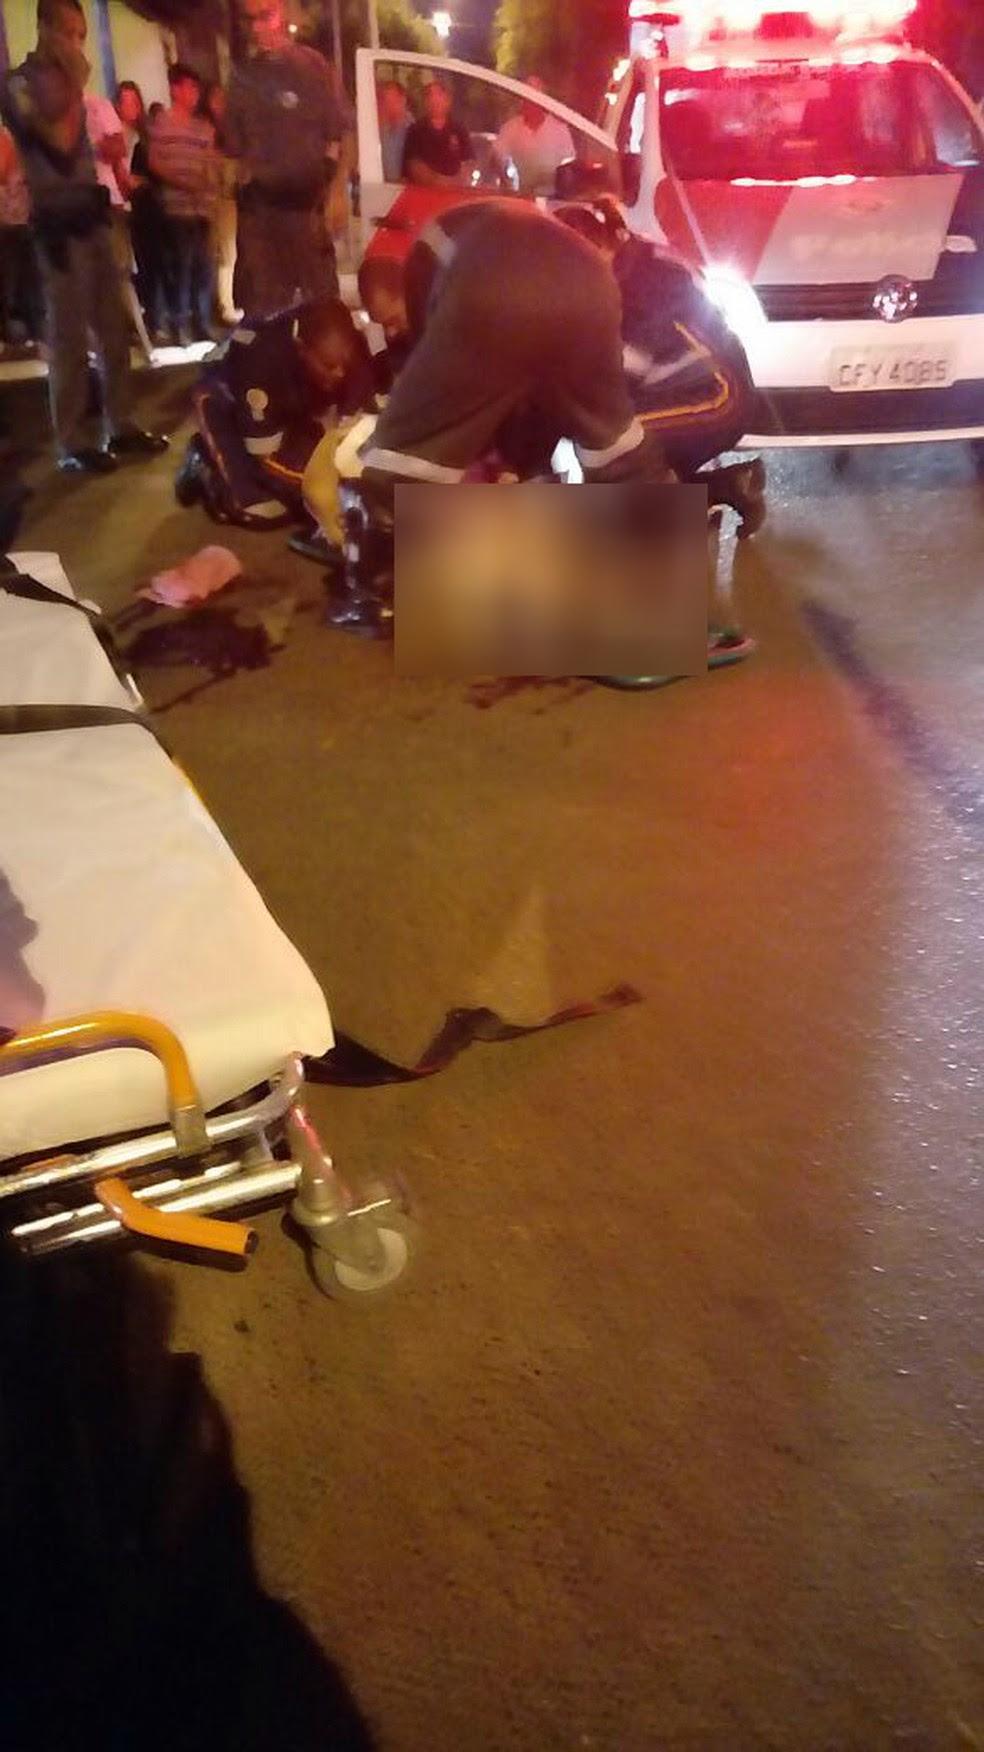 Vítima foi arrastada enquanto tentava sair do carro durante assalto em Serrana (SP) (Foto: Paulo Souza/EPTV)